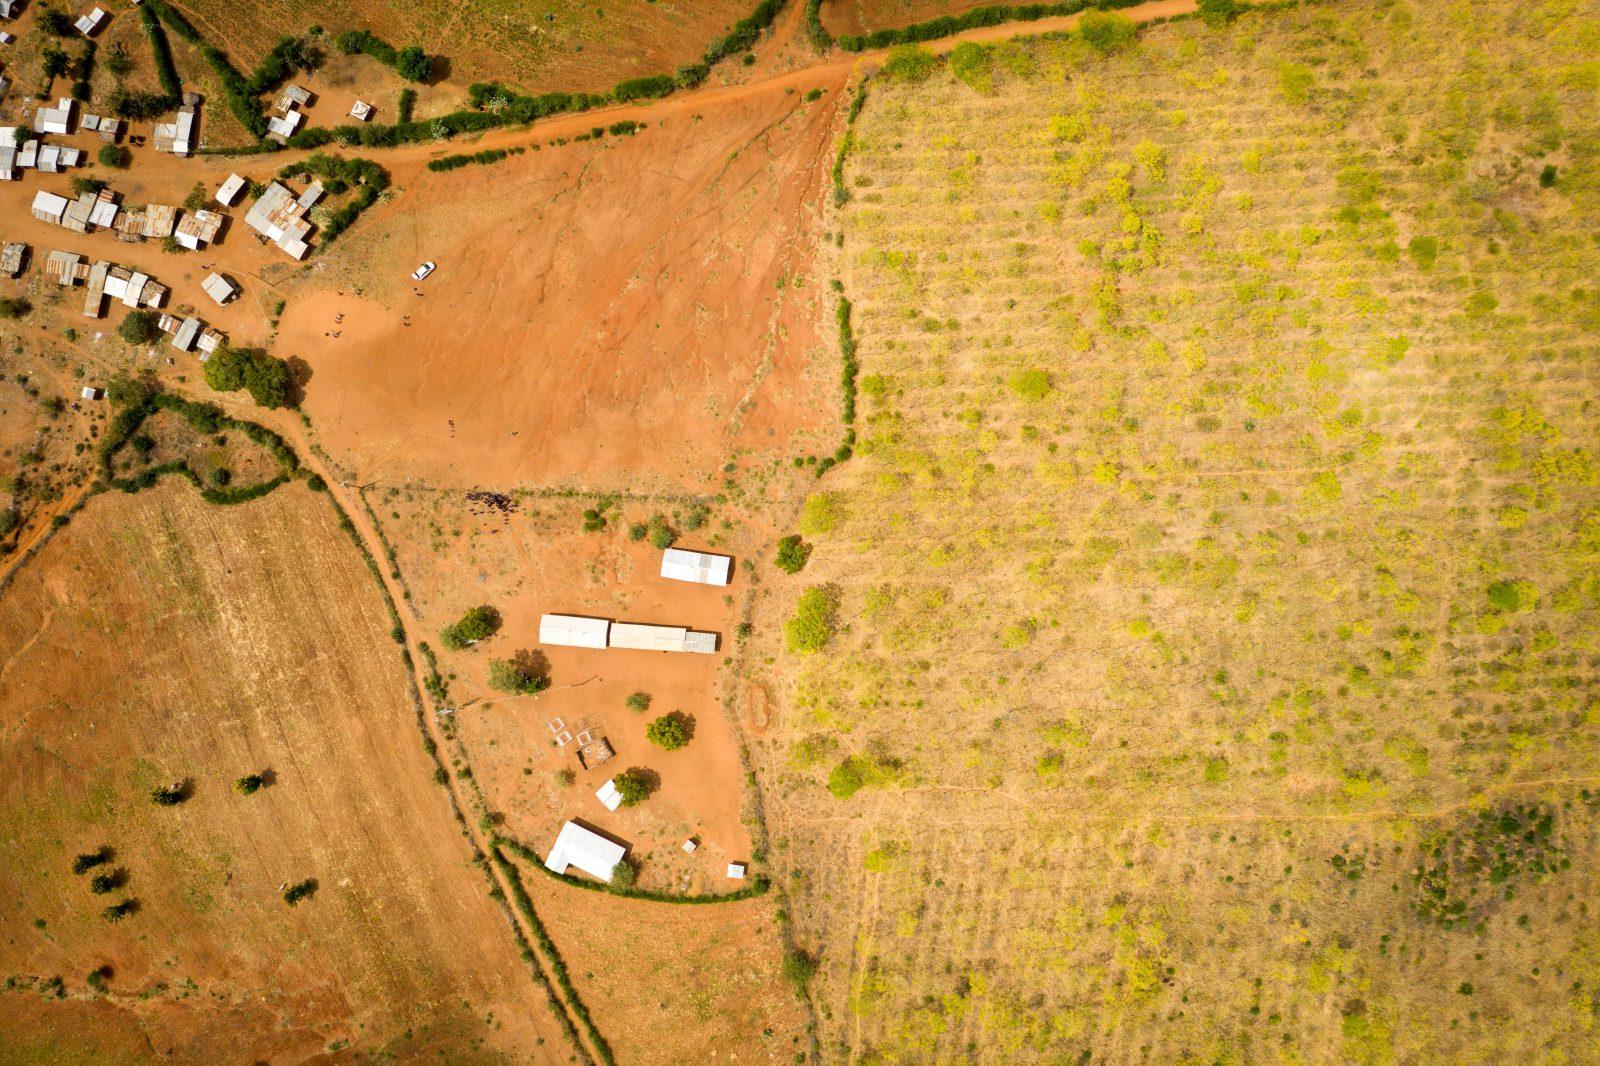 Drönarbild som visar den torra semi-öknen i Kiambere med skolan och byn till vänster och plantagen i höger. På de 10 år som Better Globe varit aktiva i området har invånarantalet mångdubblats tack vare  nya arbetstillfällen.